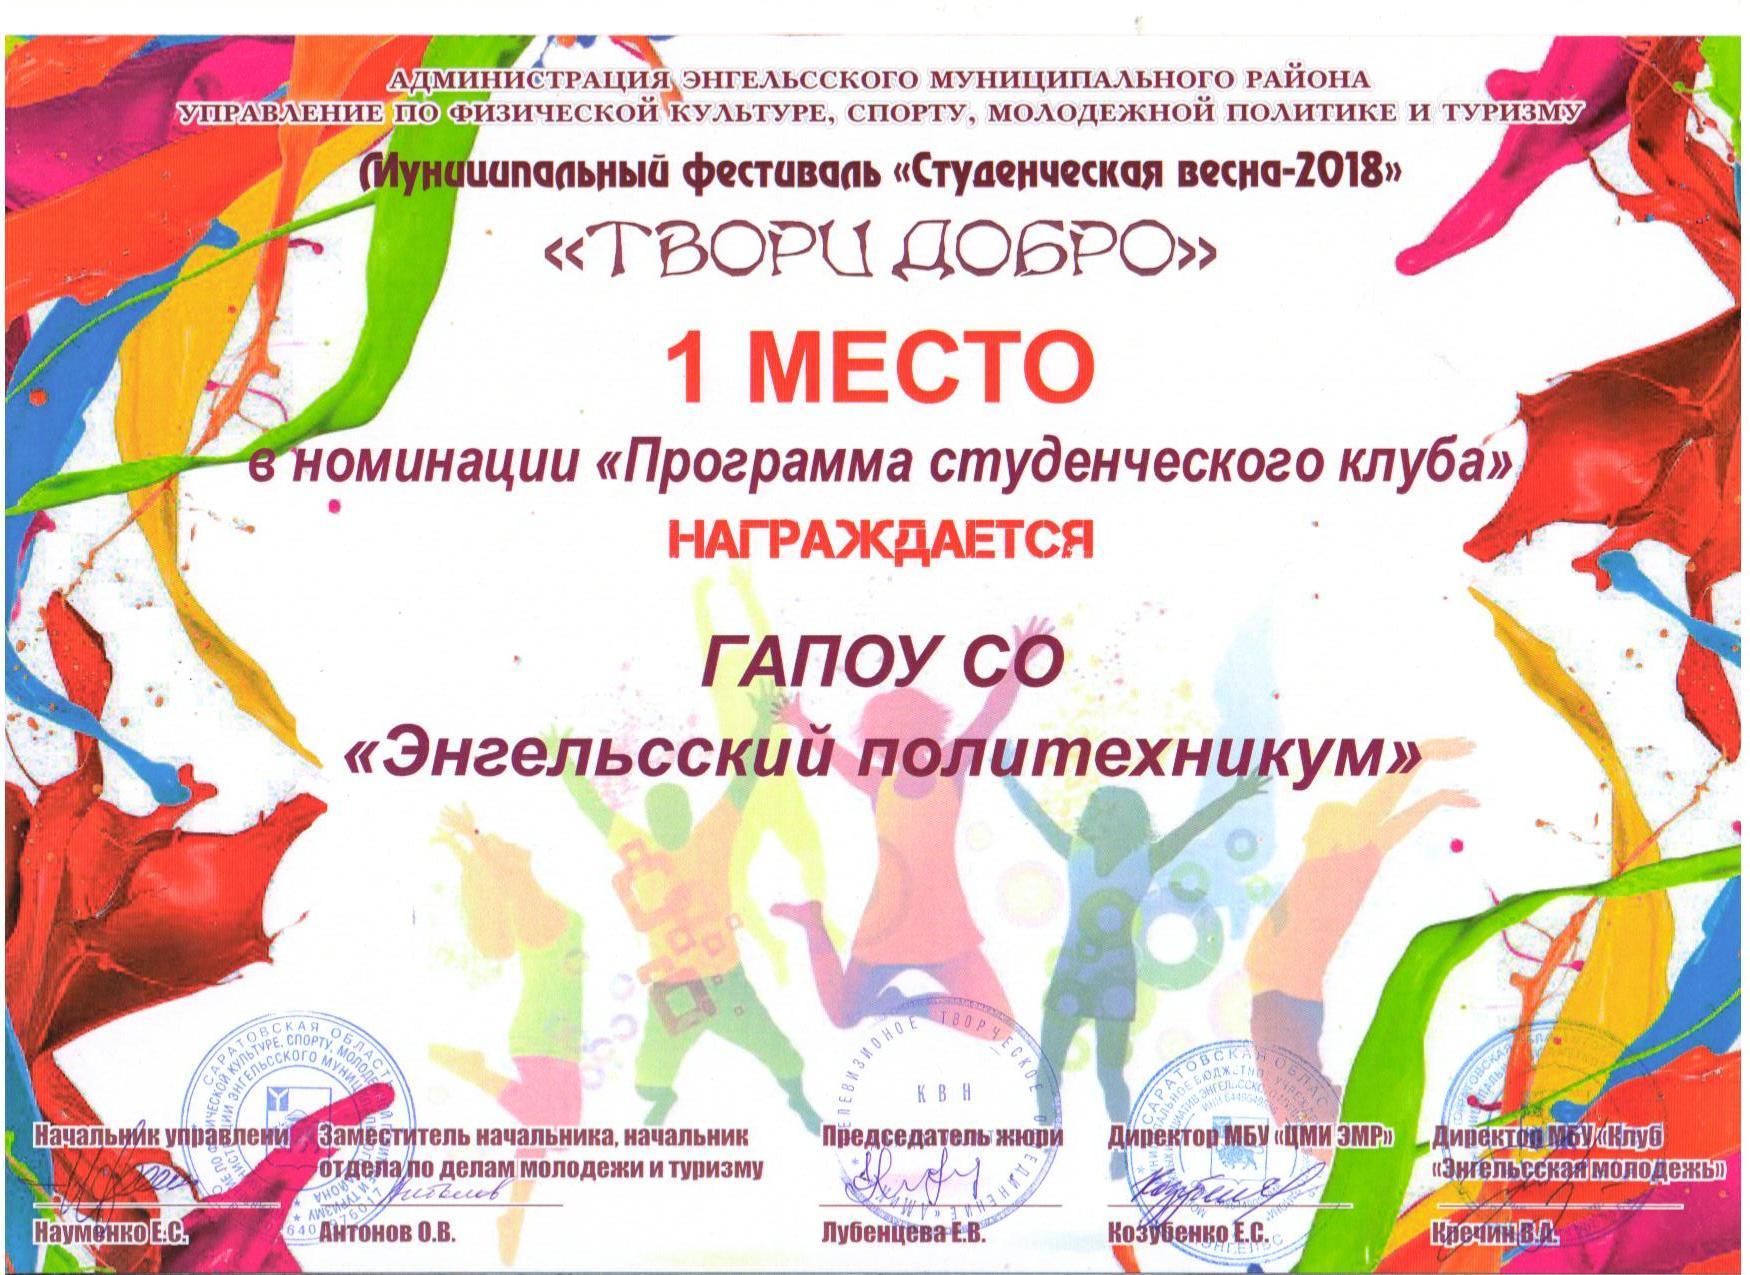 http://politehnikum-eng.ru/2018/04_18/5.jpg